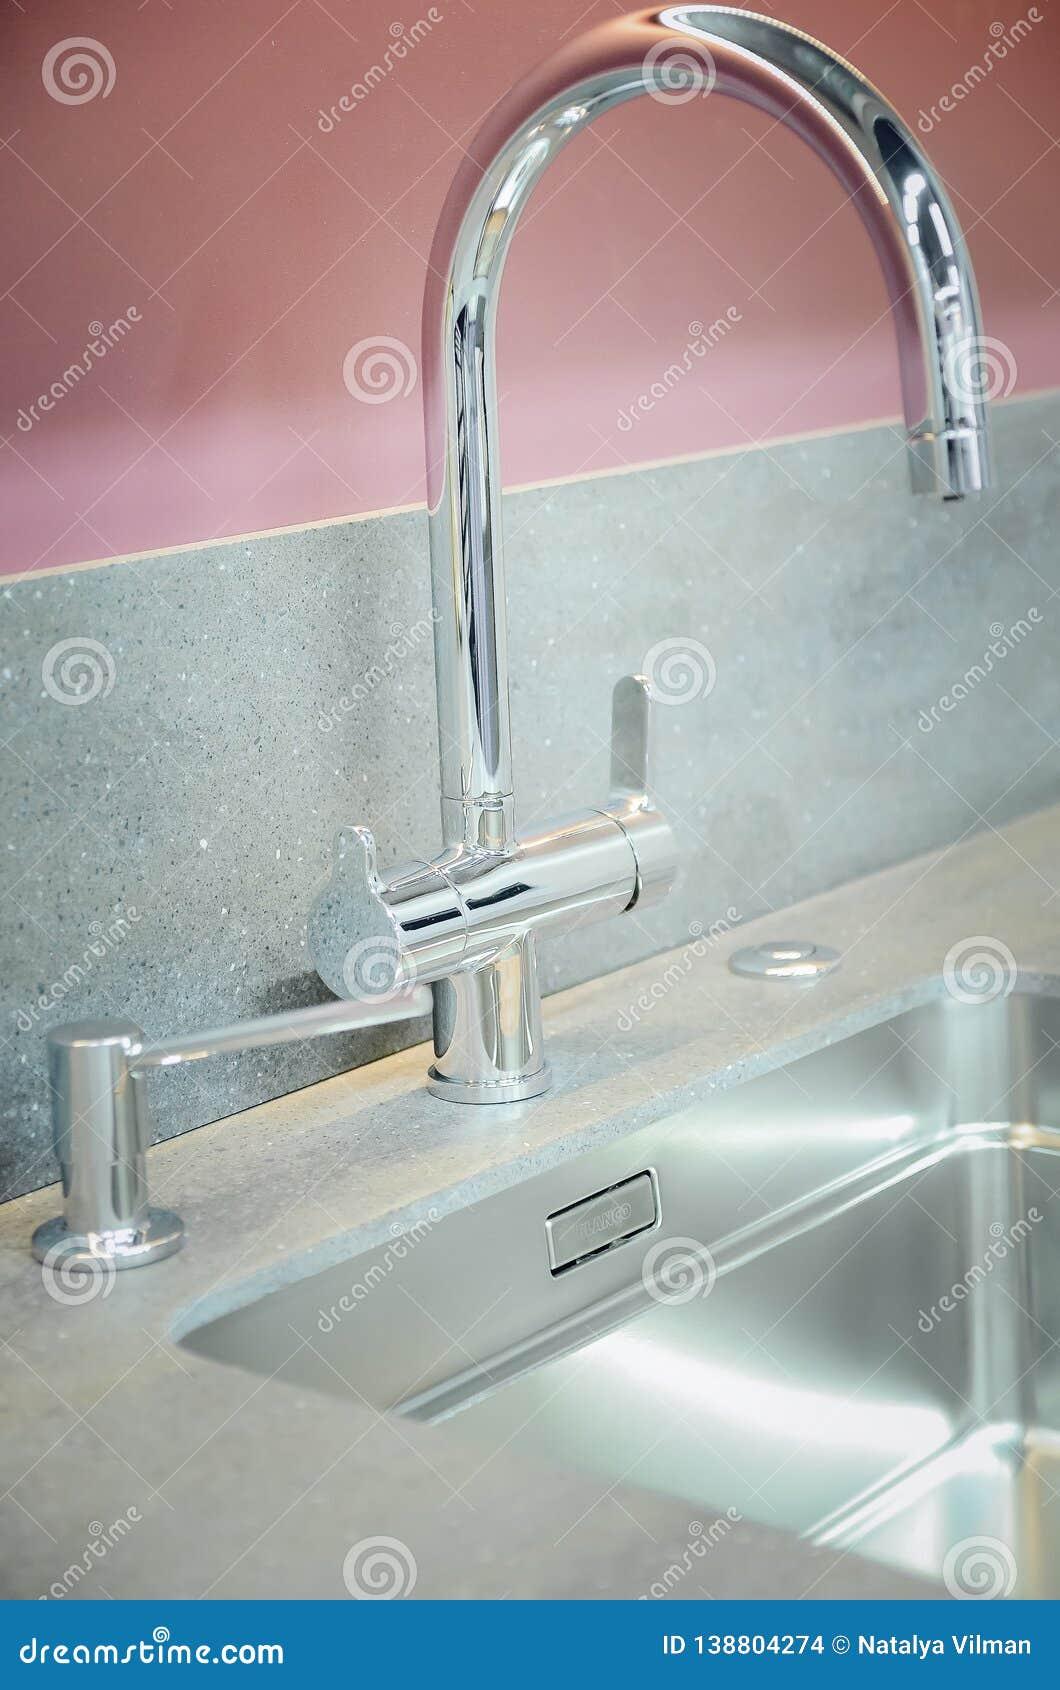 Un nuevo fregadero de cocina con una encimera de piedra artificial El concepto de interior moderno de la cocina Fotografía vertic